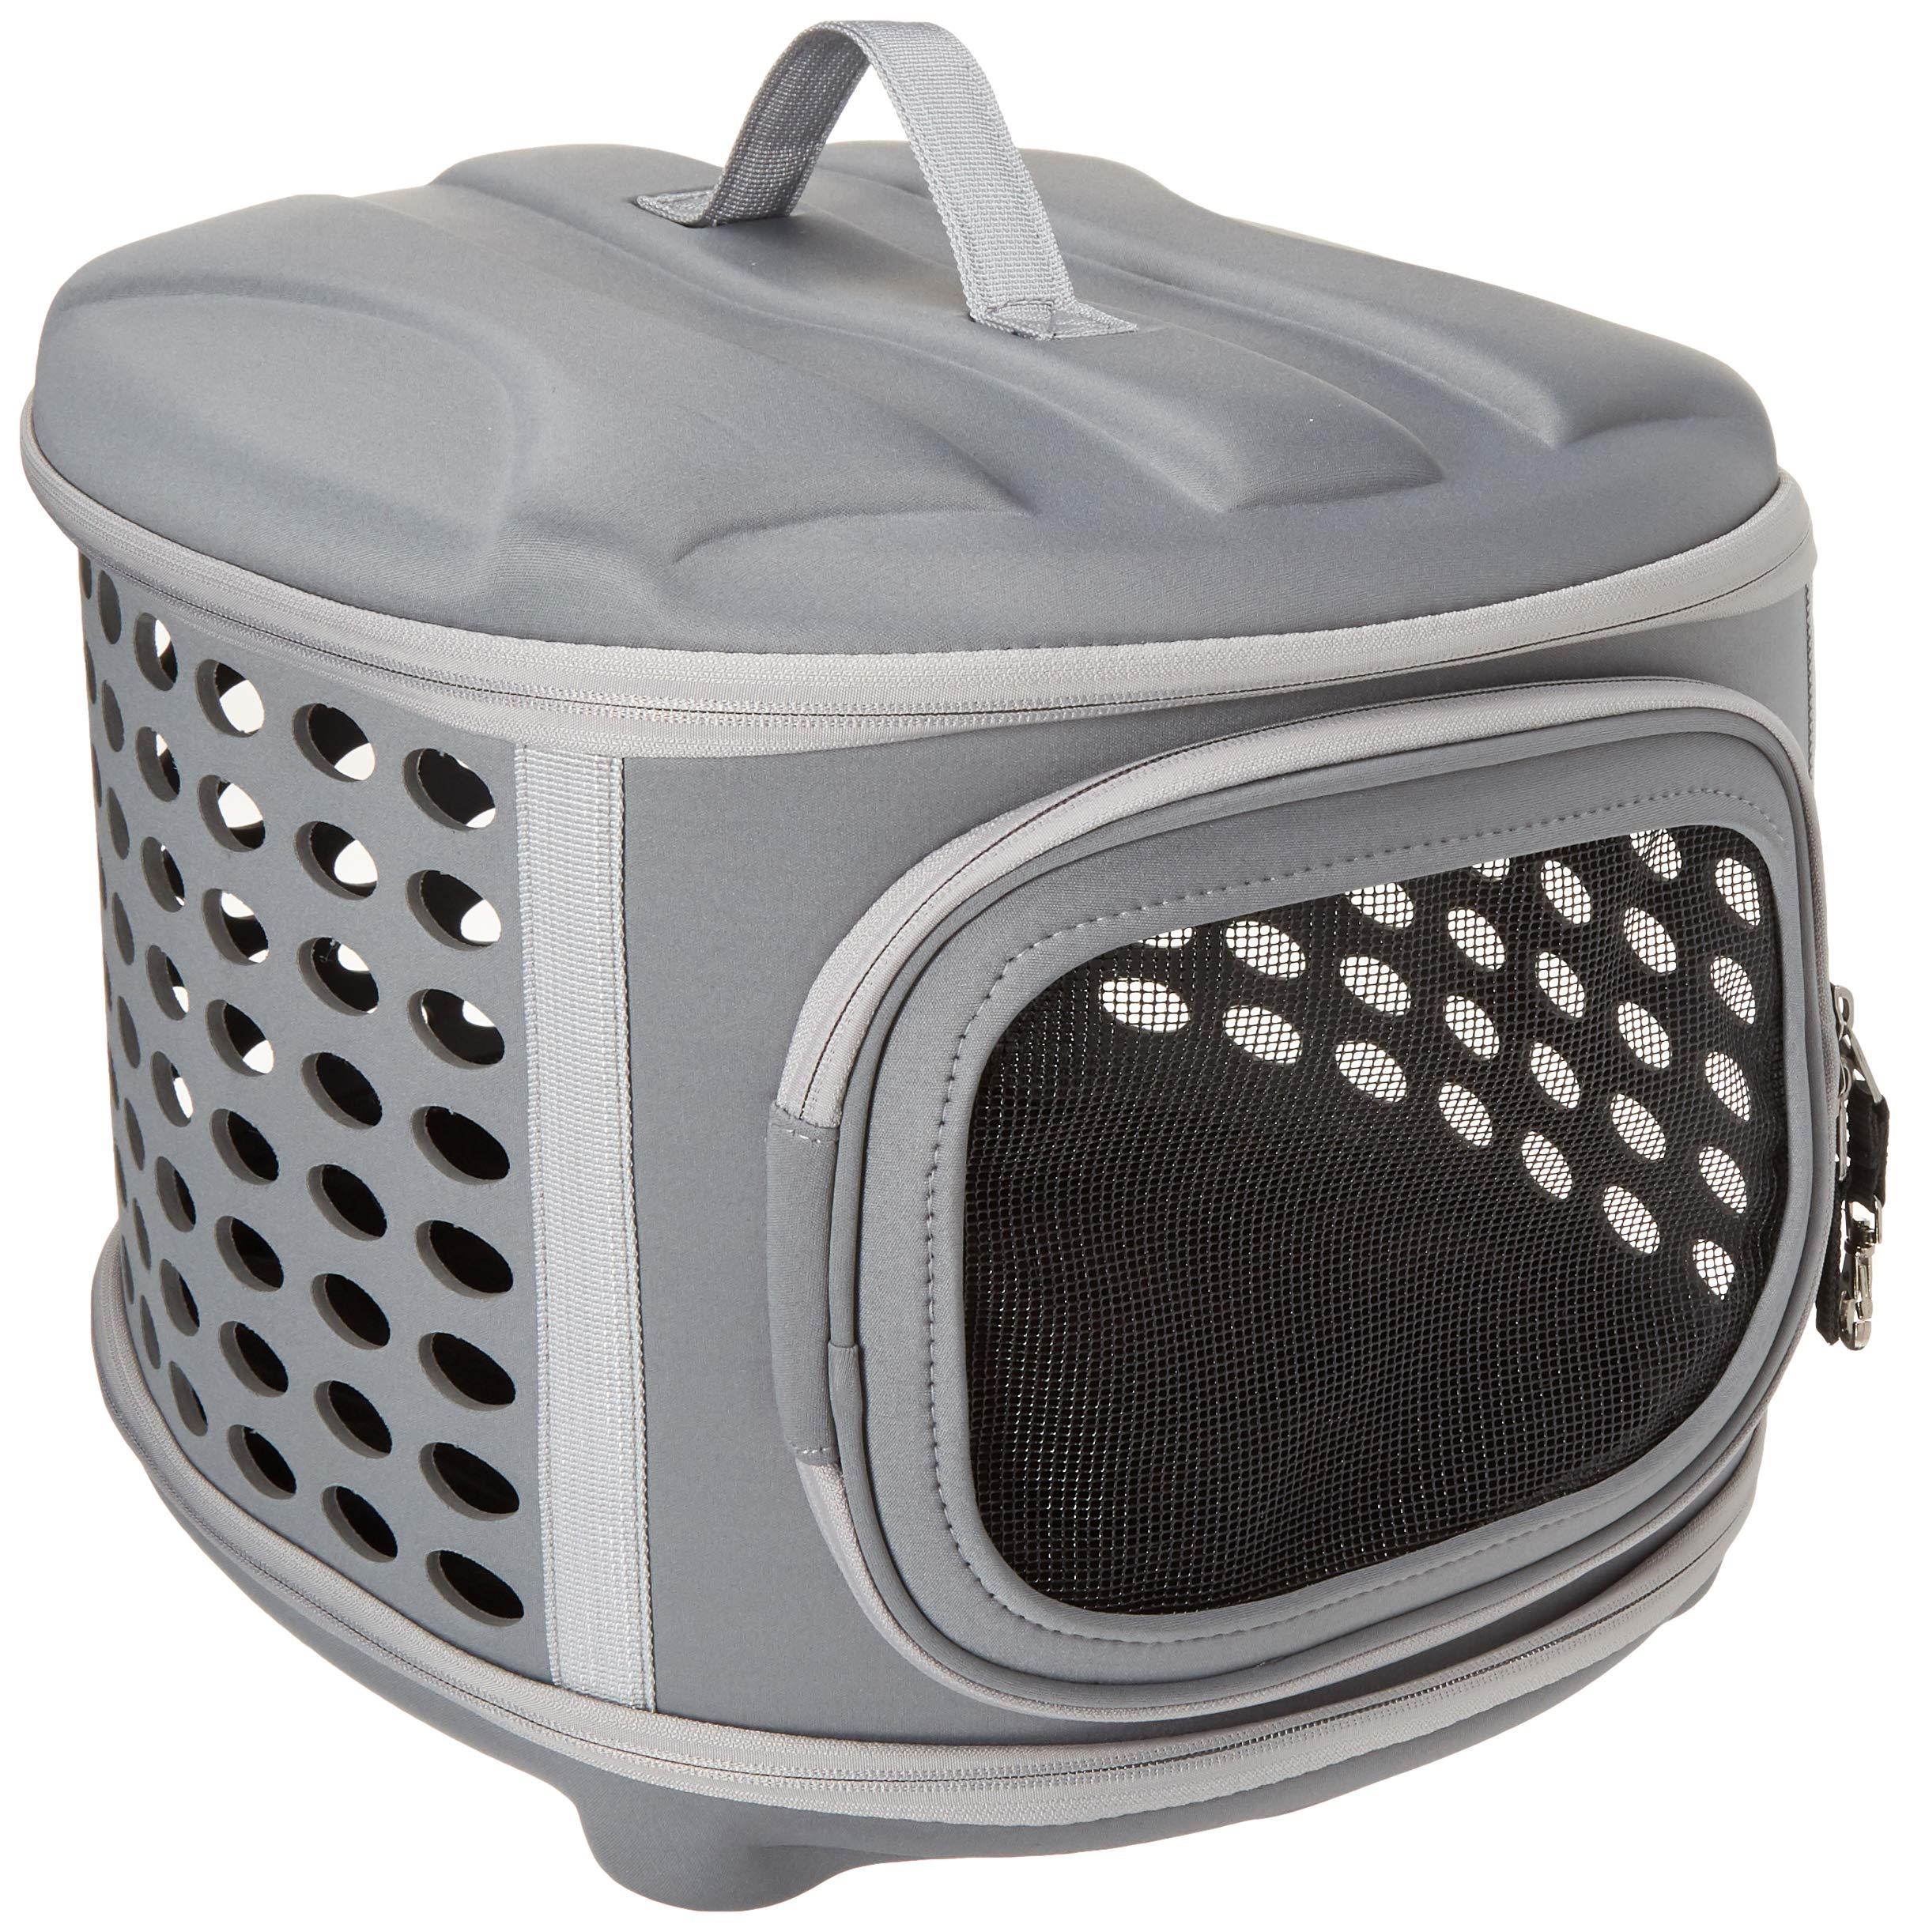 PET MAGASIN Transportador de Viaje para Gatos Perros - Acolchado y Plegable con Puertas de Malla para una ventilación óptima (En avión): Amazon.es: Productos para mascotas